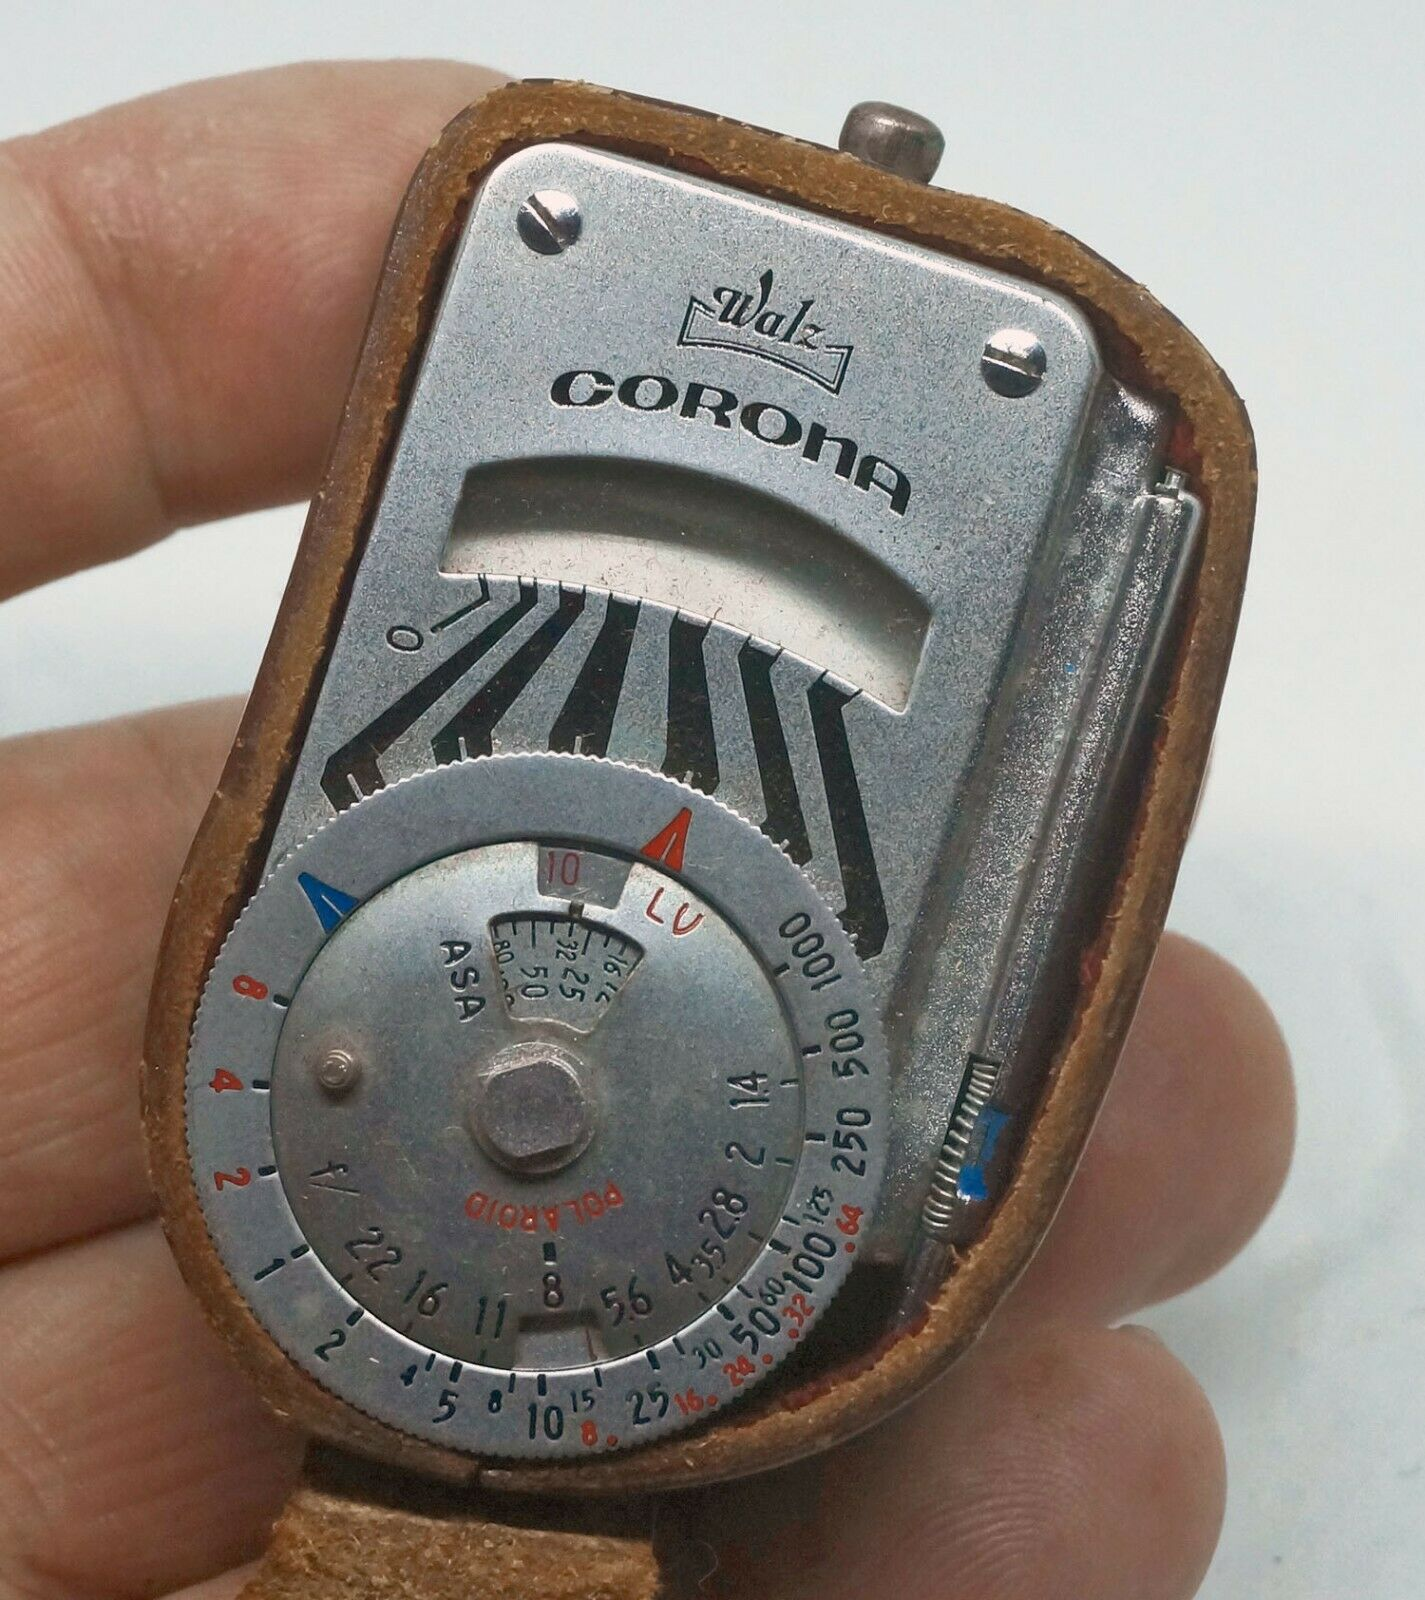 Vintage Miniature On-camera EXPOSURE METER Waltz Corona 03-0049  - $15.00